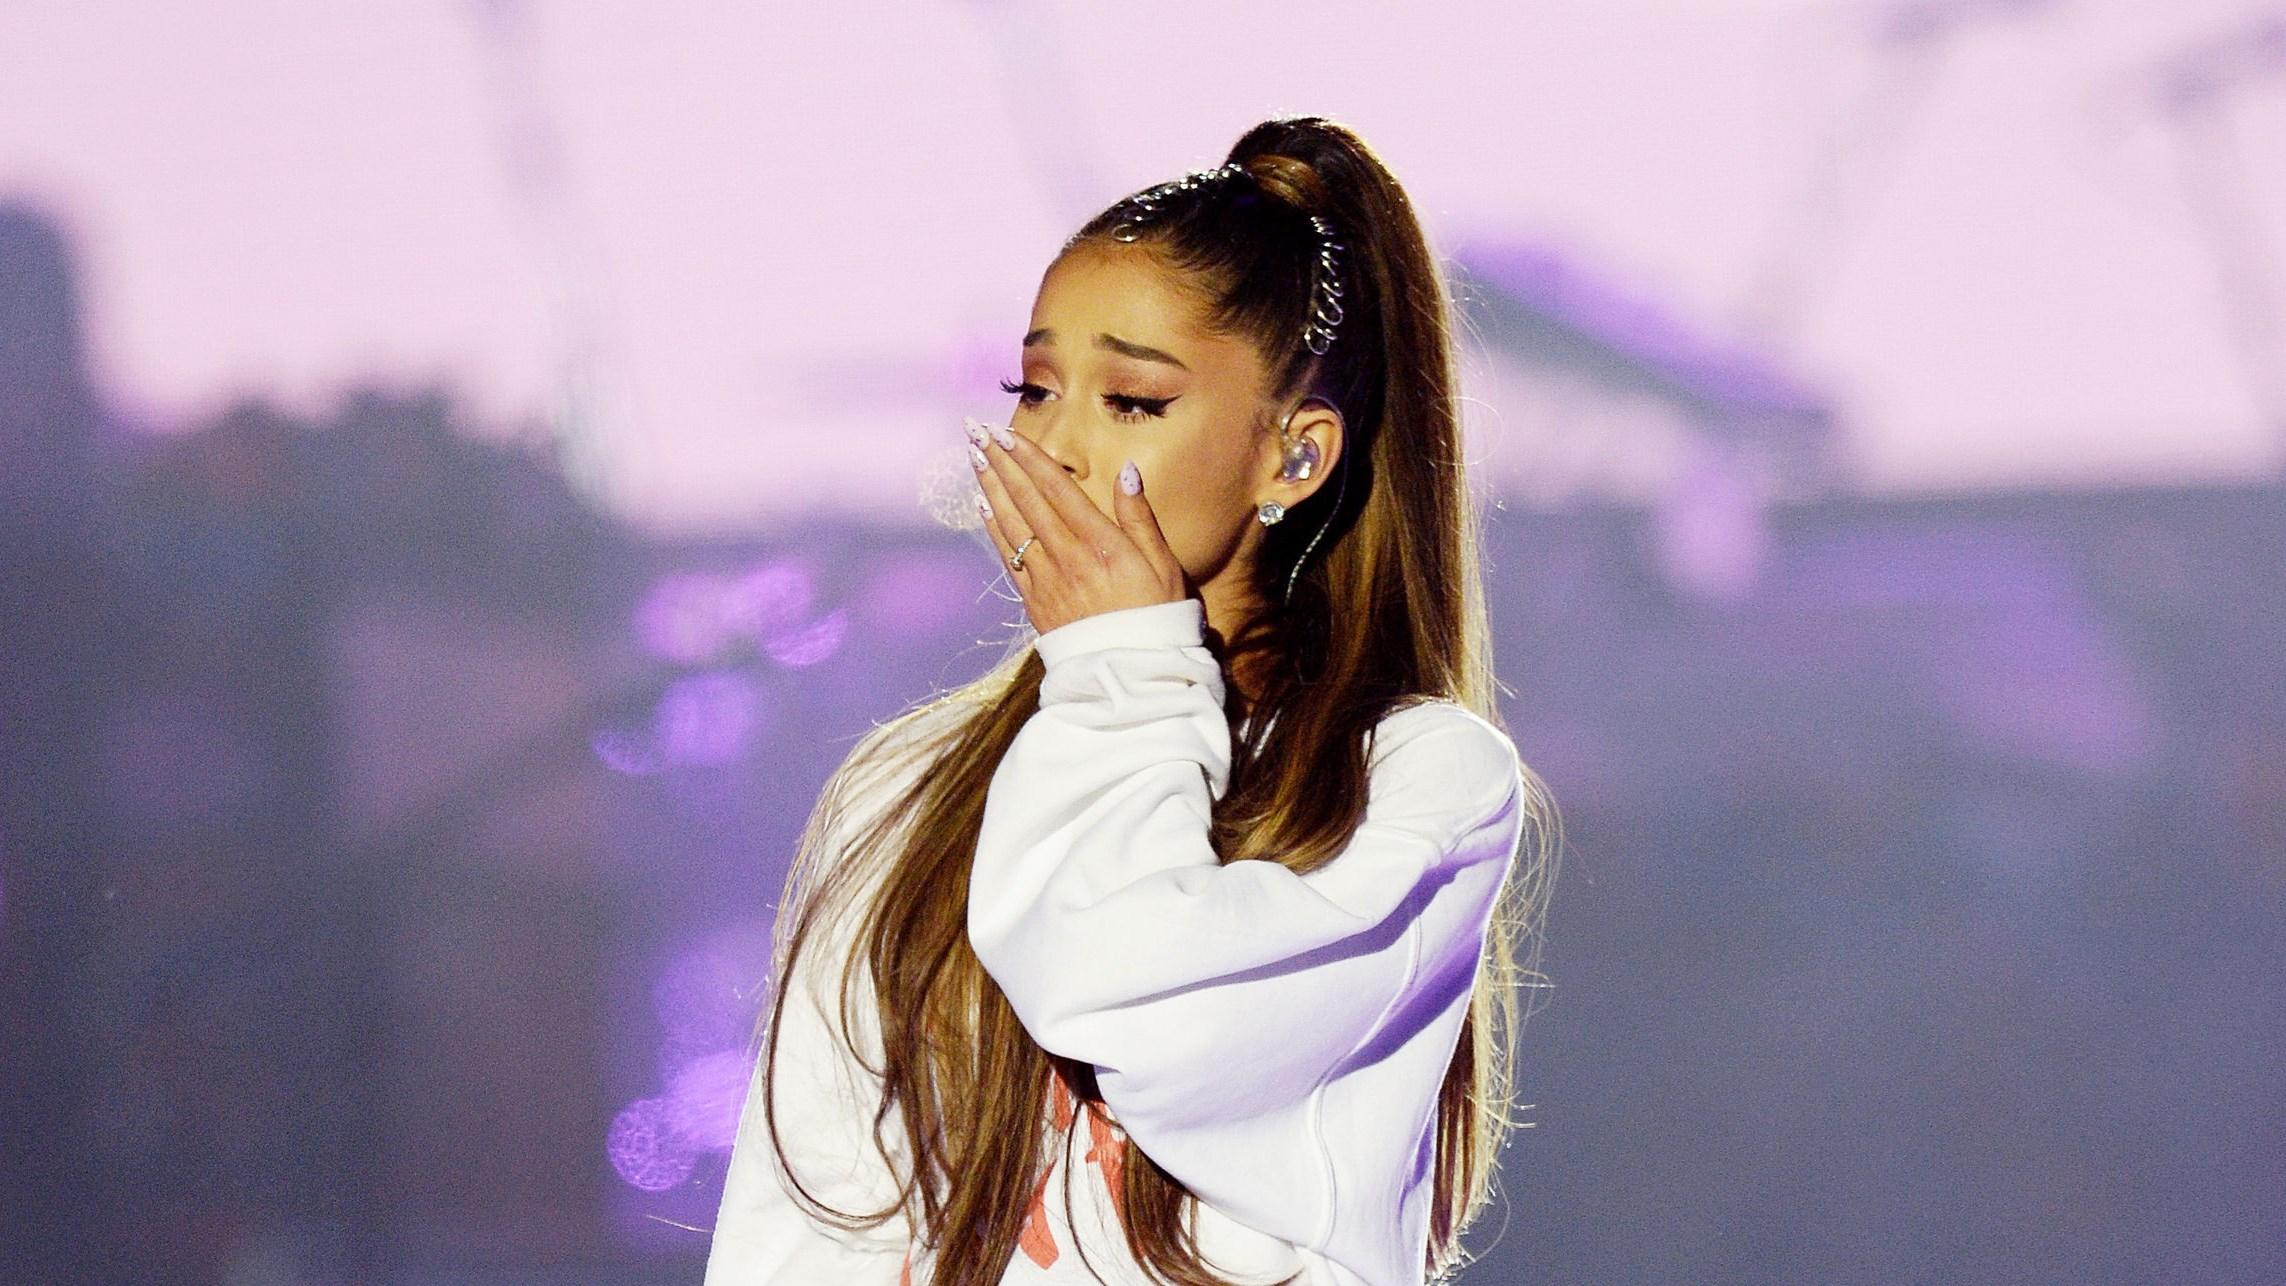 Ariana Grande tại buổi gây quỹ cho các nạn nhân xấu số tại Manchester.